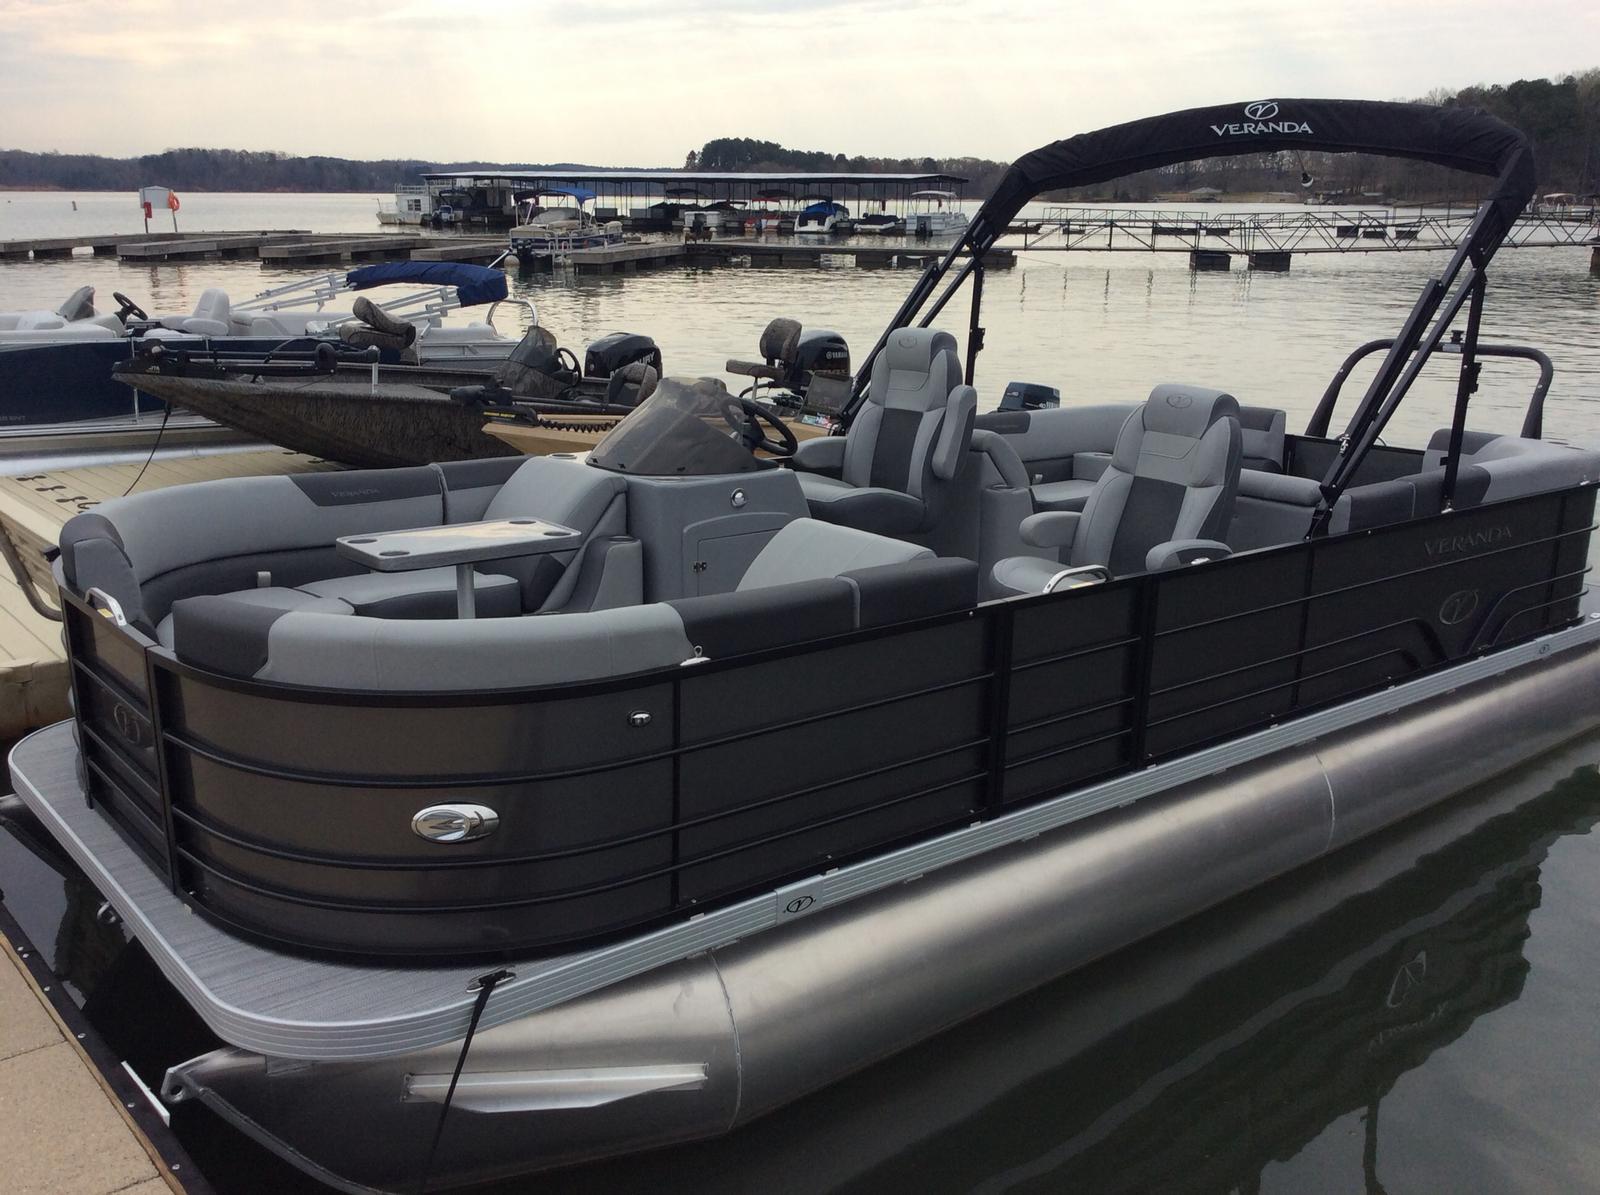 Veranda Vr22Rc Luxury Tri-Toon W/ Yamaha Vf200La